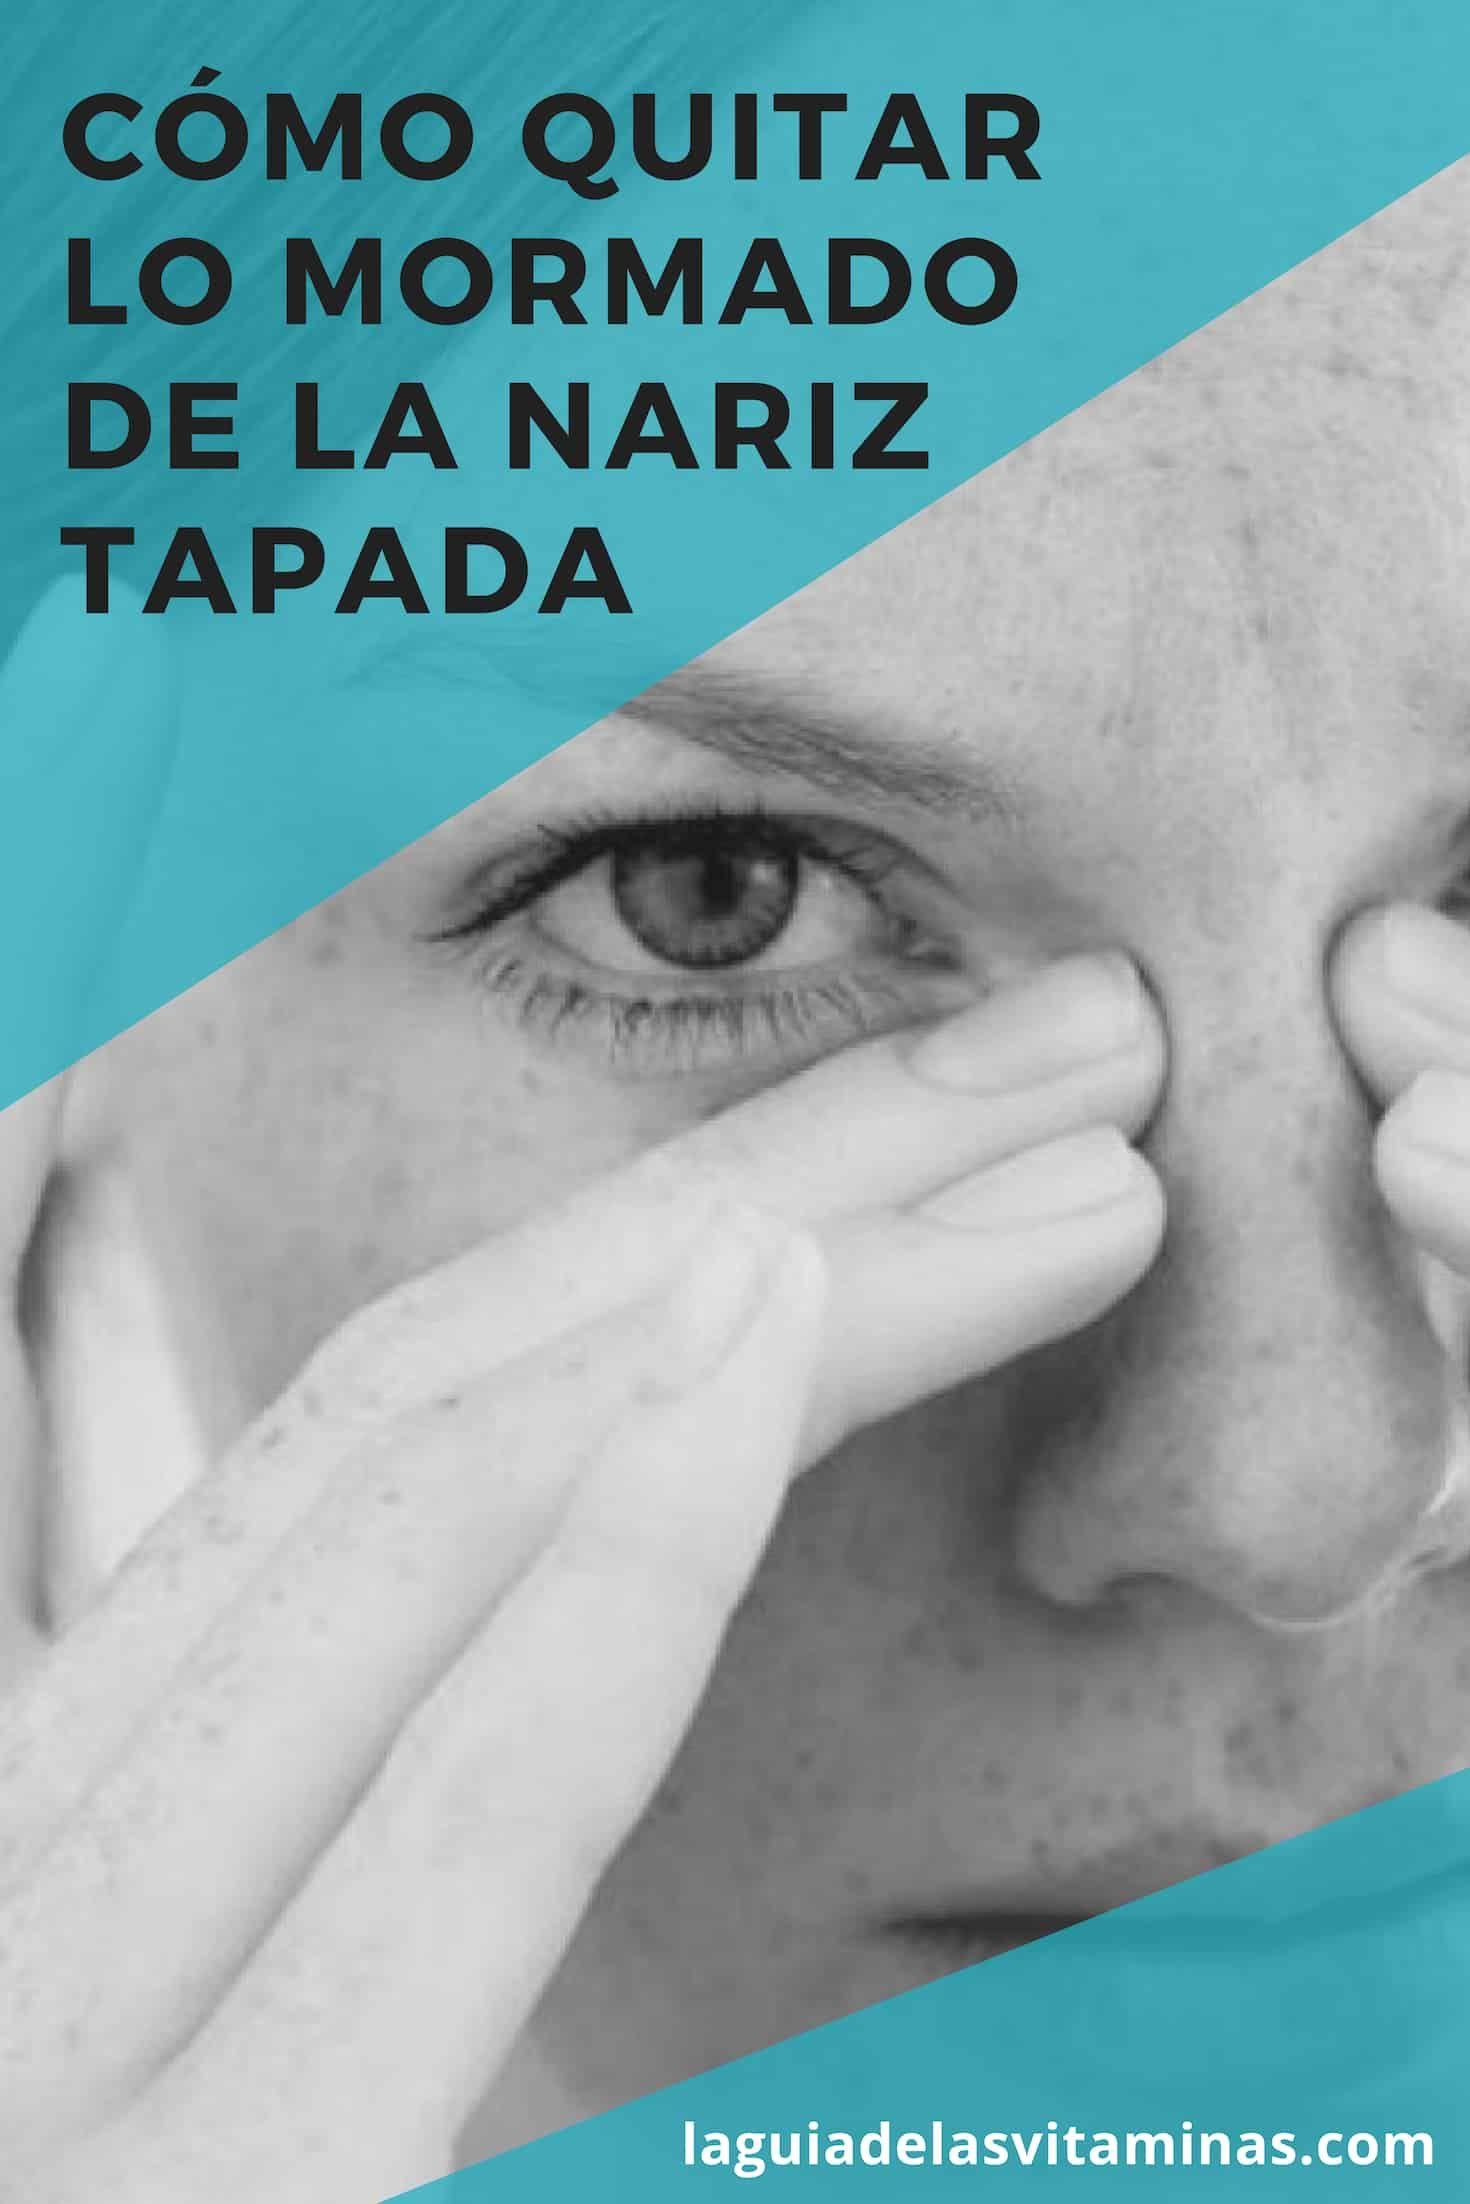 Tratamiento para la nariz tapada en la noche